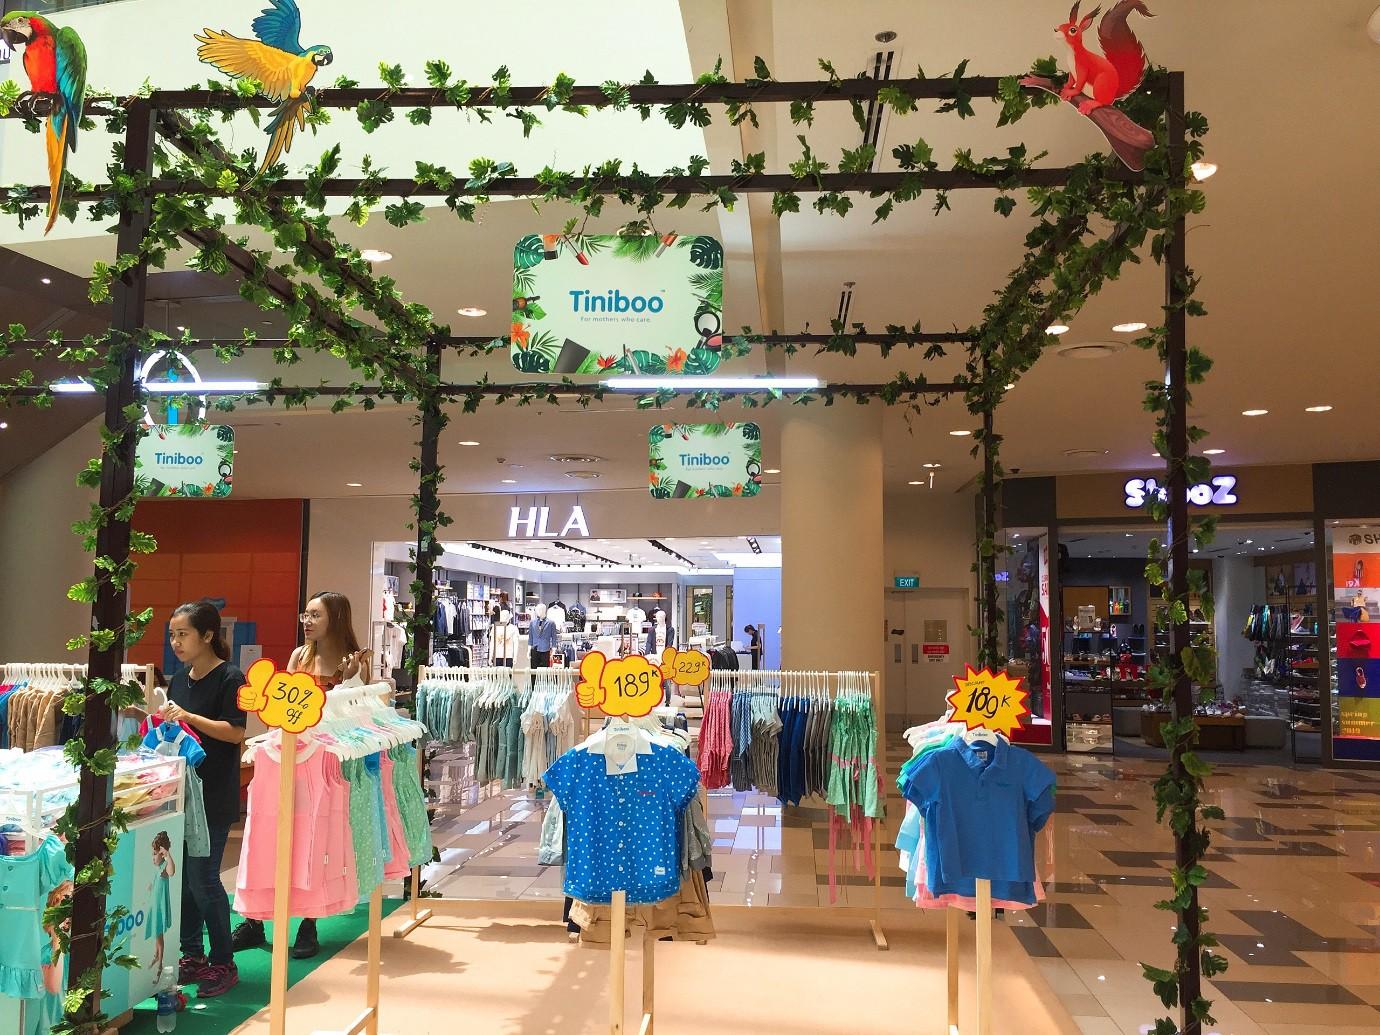 Phiên Chợ Mùa Hè tại SC VivoCity: Thiên đường dành cho mọi tín đồ mua sắm tại Sài Gòn - Ảnh 4.